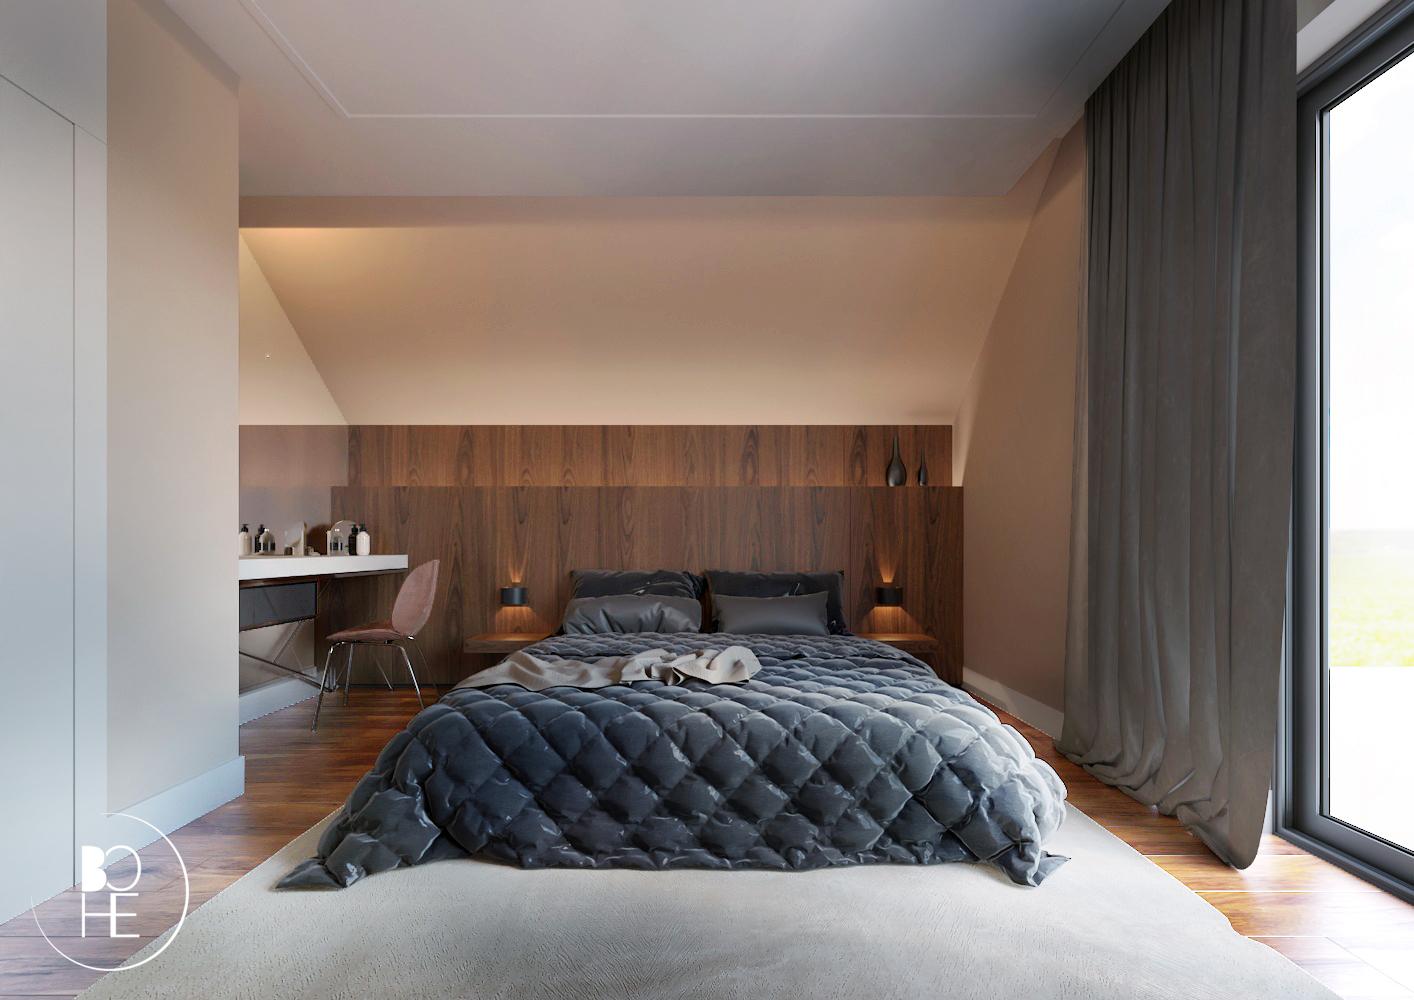 Projekt wnętrza w Białymstoku, duża sypialnia z łożem małżeńskim, garderobą i toaletką